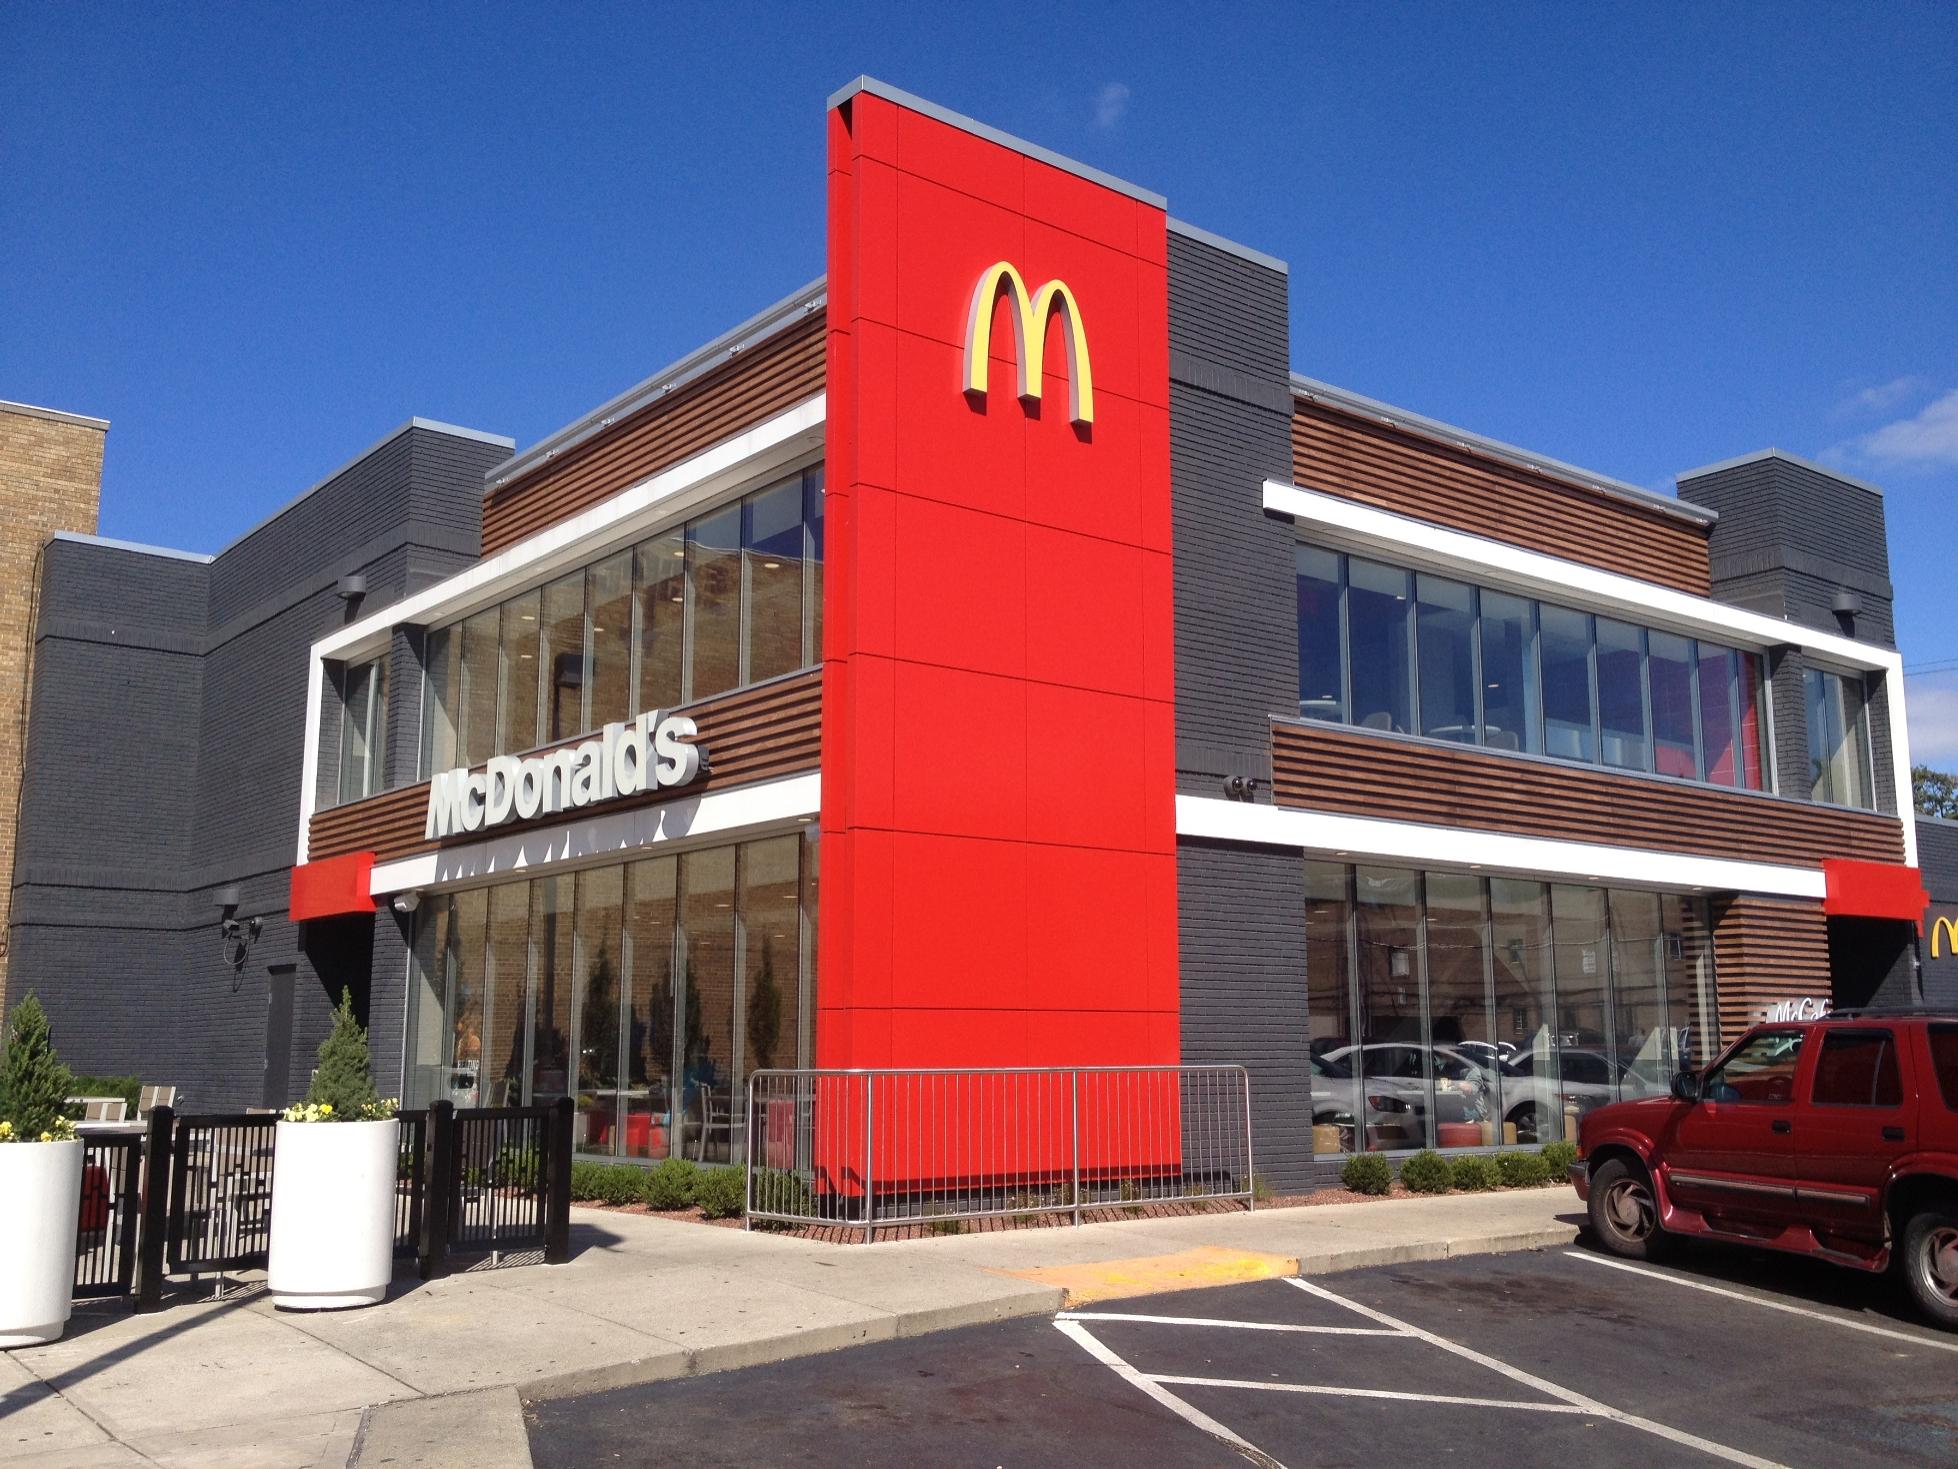 A McDonald's location.